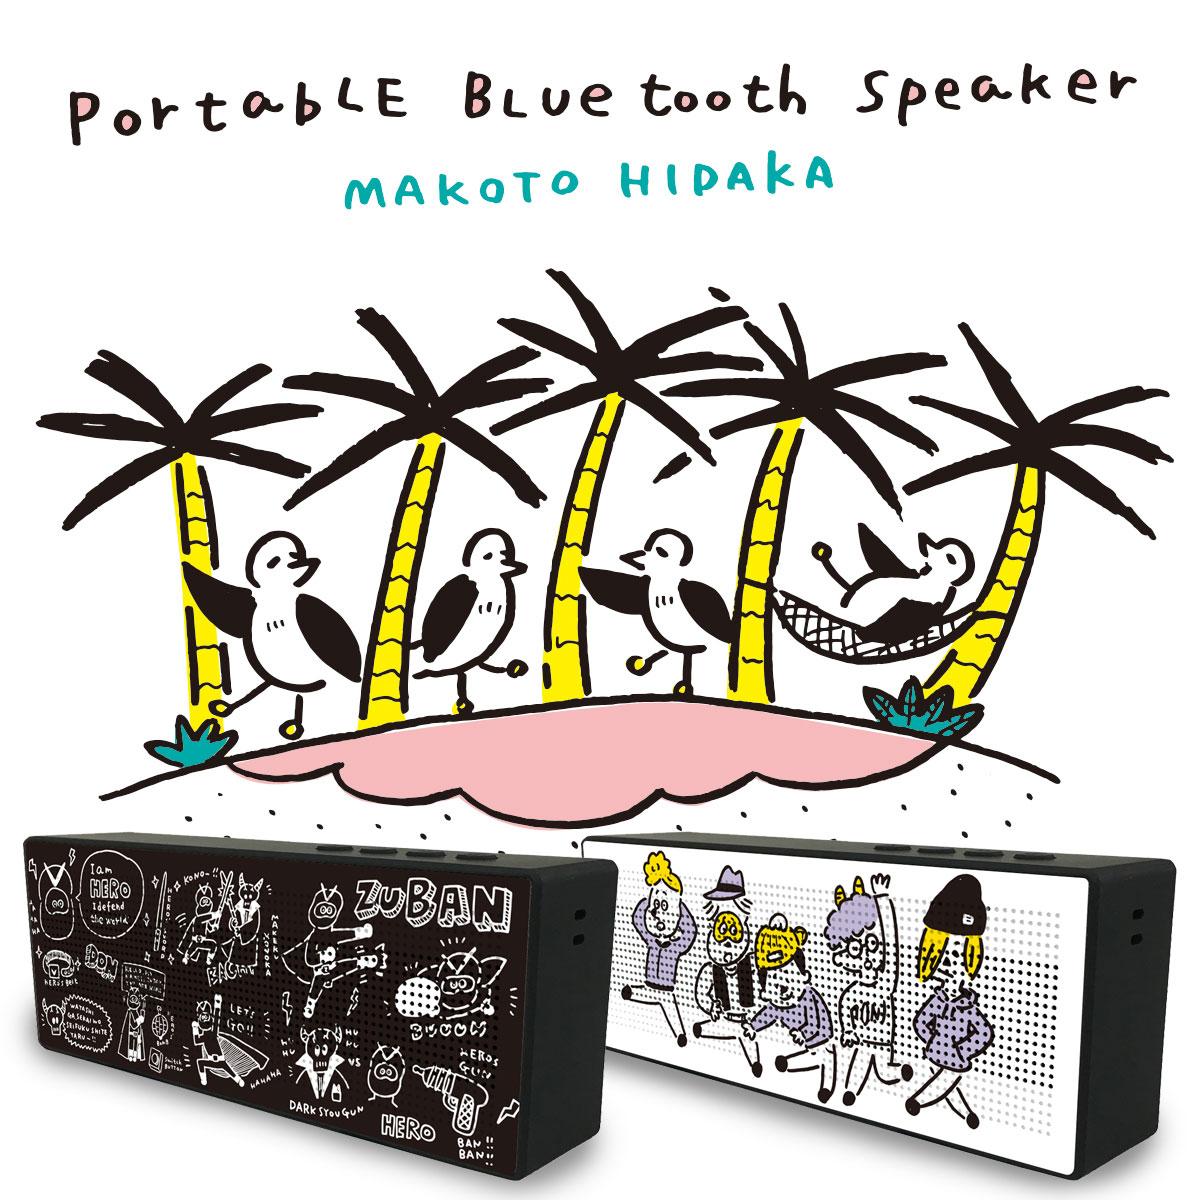 スピーカー Bluetooth 高音質 ブルートゥース スピーカー大音量 ワイヤレス スピーカー ポータブル iPhone Android MAKOTO HIDAKA sp01-012